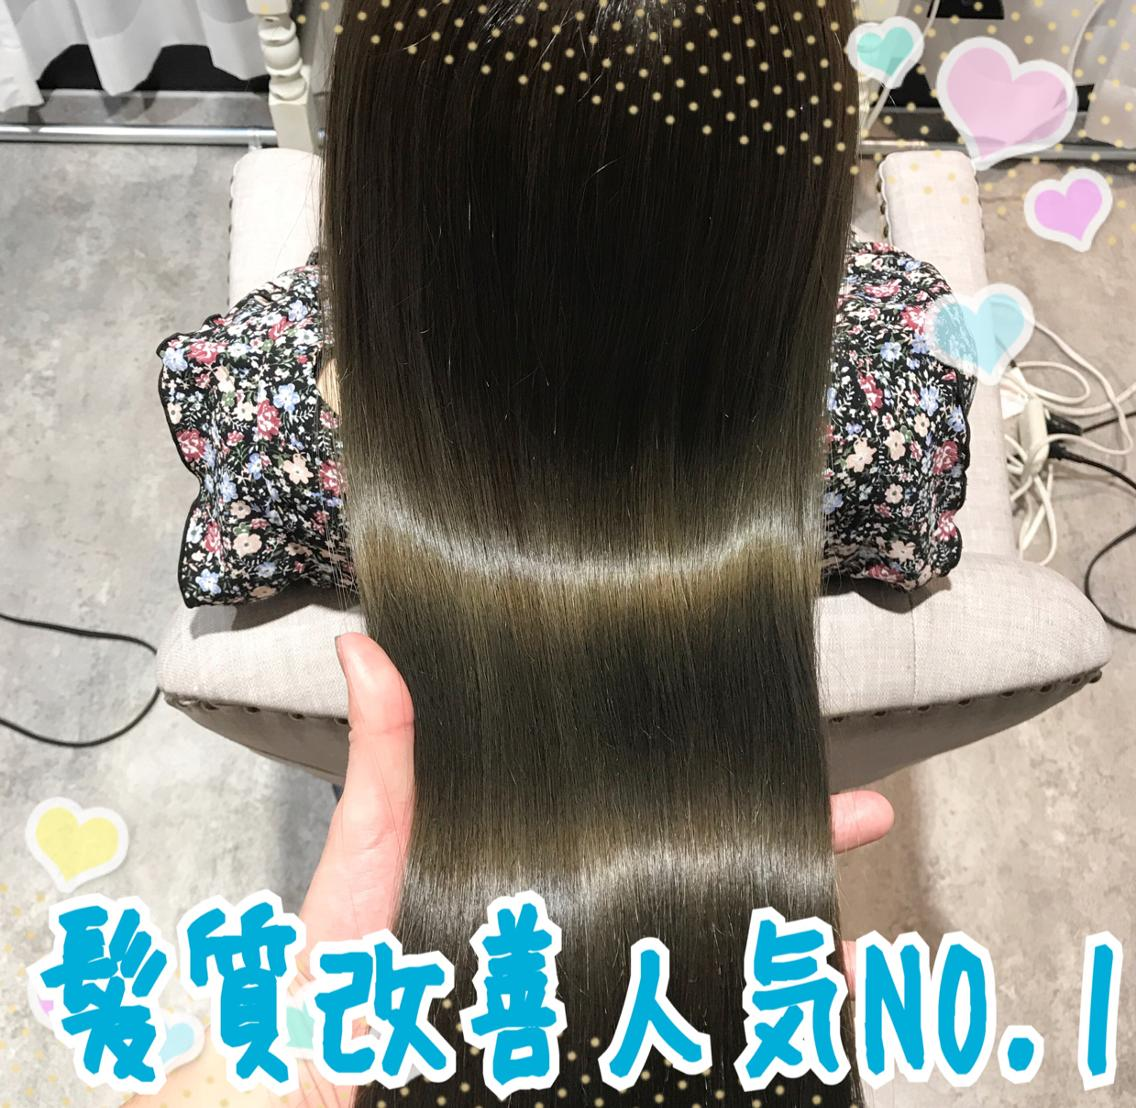 ☺️口コミ満足率100%☺️エリアダントツのリピート率✨今すぐ髪の毛をキレイにしたいあなたへ❤話題の髪質改善ヘアエステ✨Instagramフォロワー1万人✨ぜひInstagramをご覧下さい✨